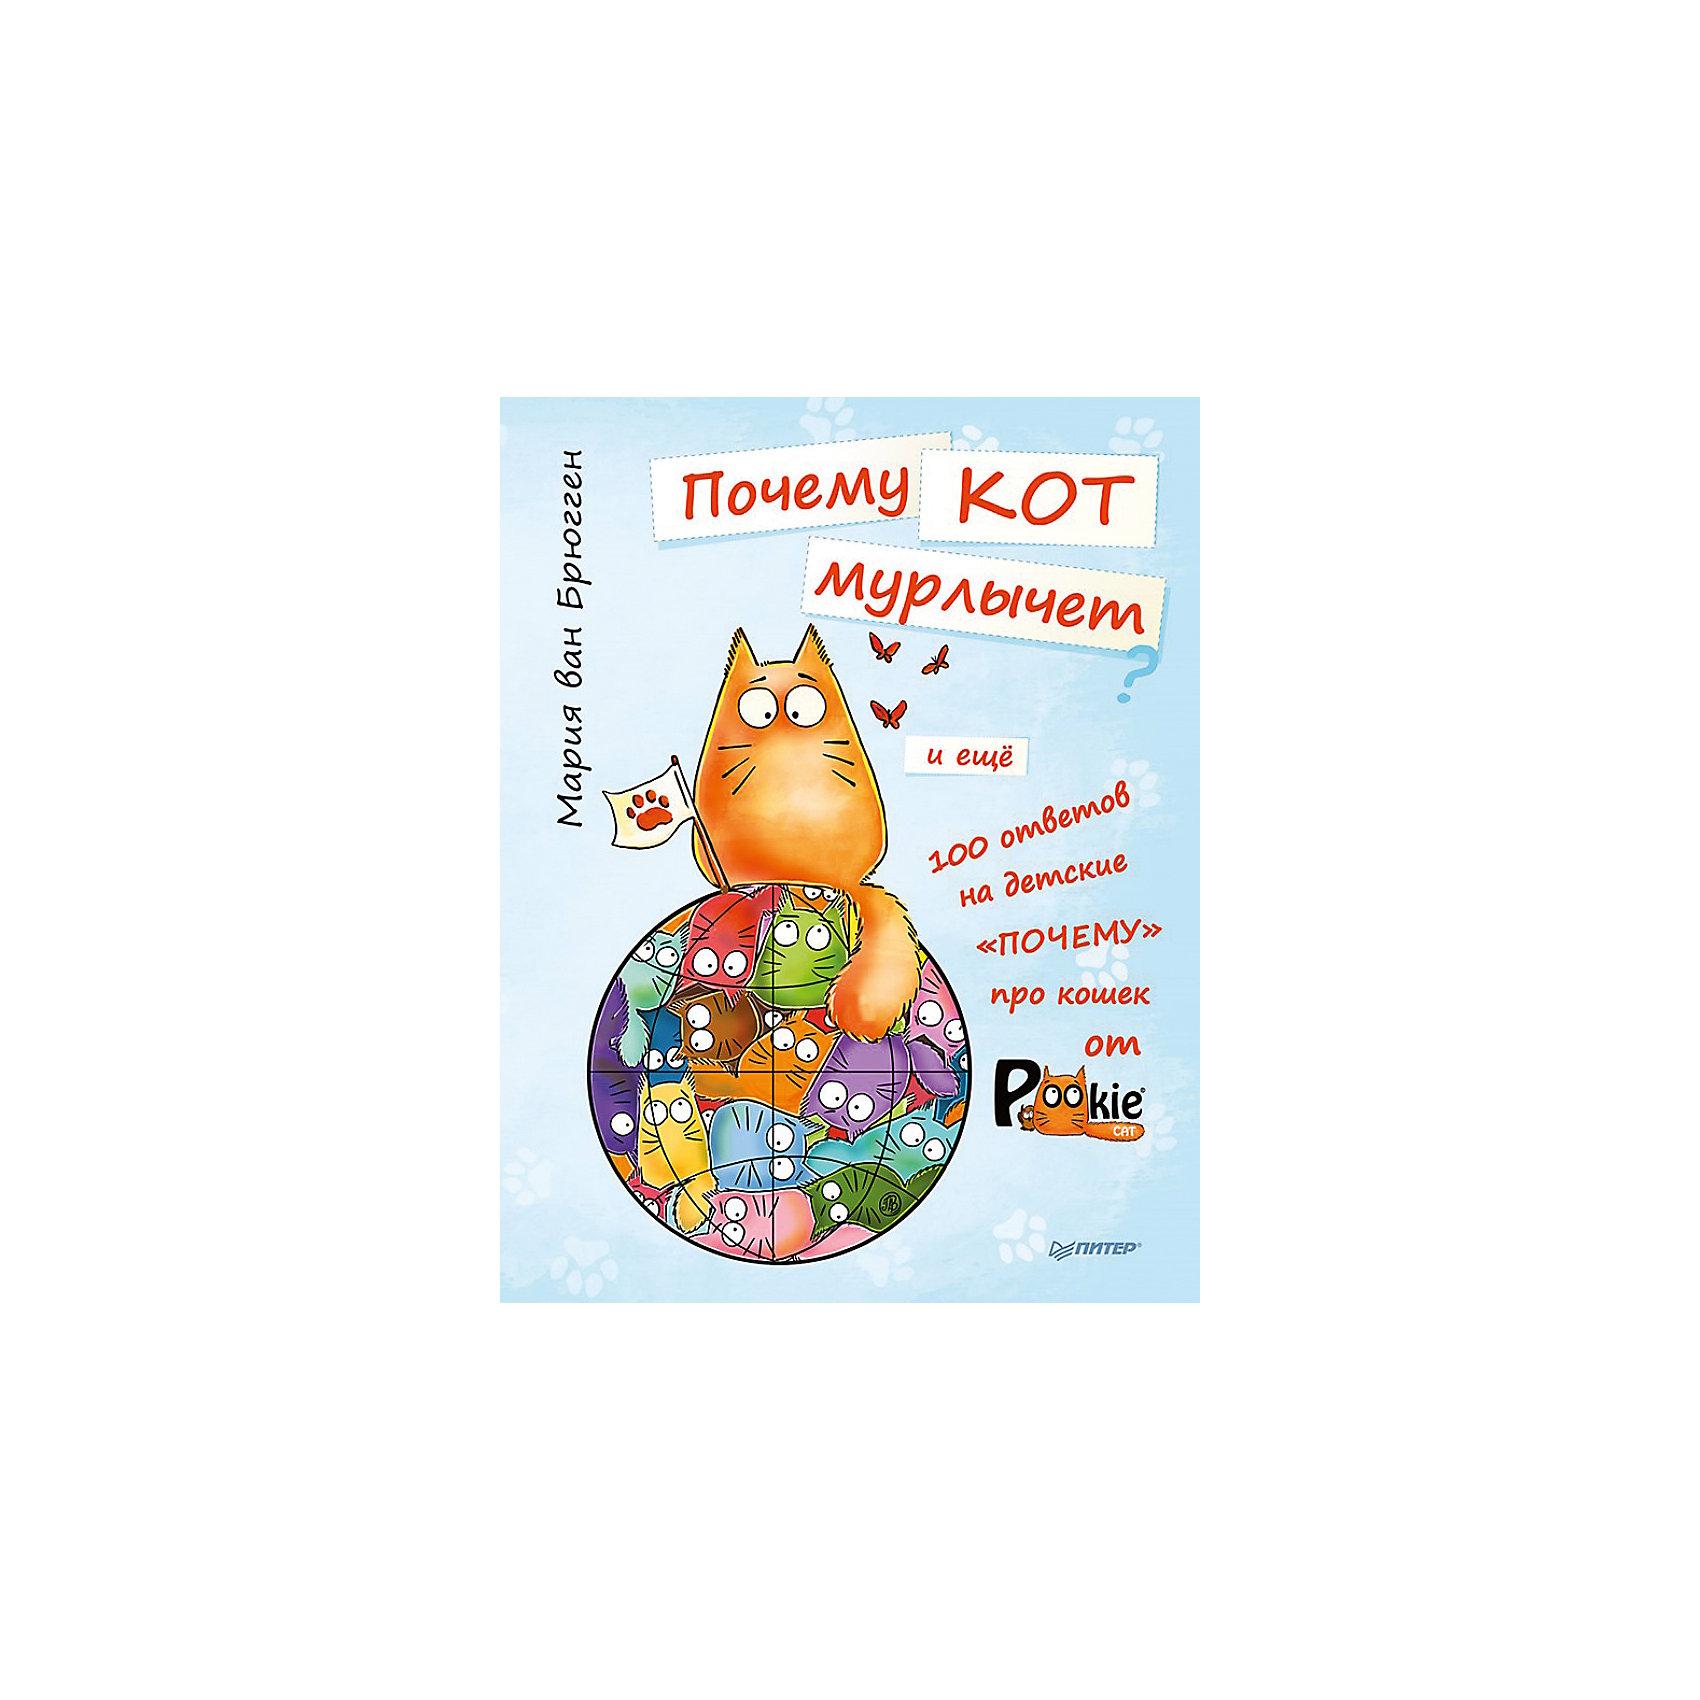 ПИТЕР Книга Почему кот мурлычет и ещё 100 ответов на детские «почему» про кошек цена